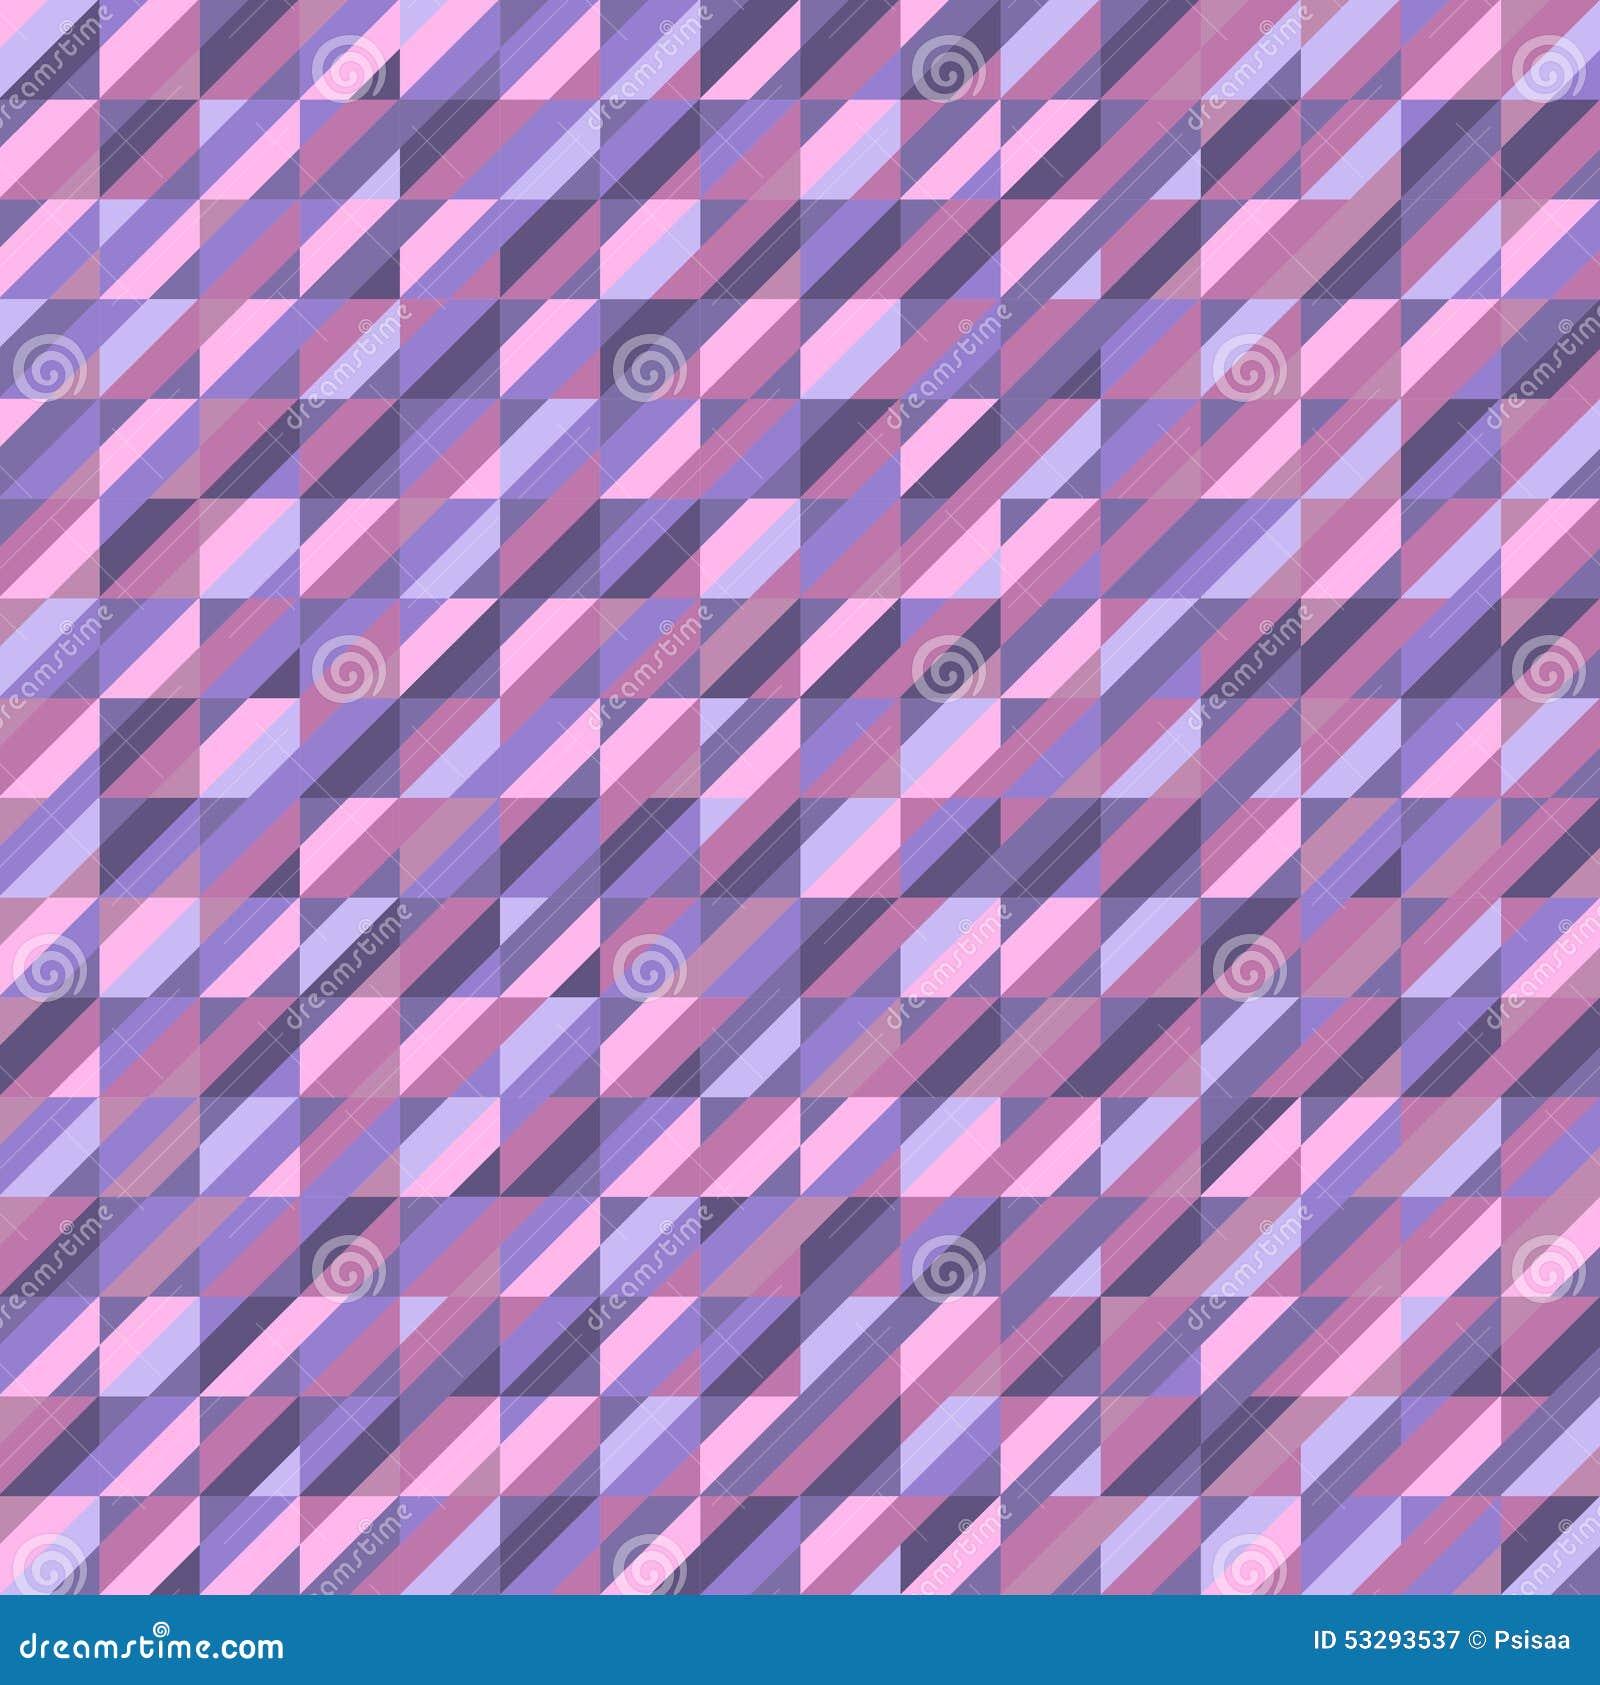 Metallisk oktogon och radie för bakgrund, vektorillustration